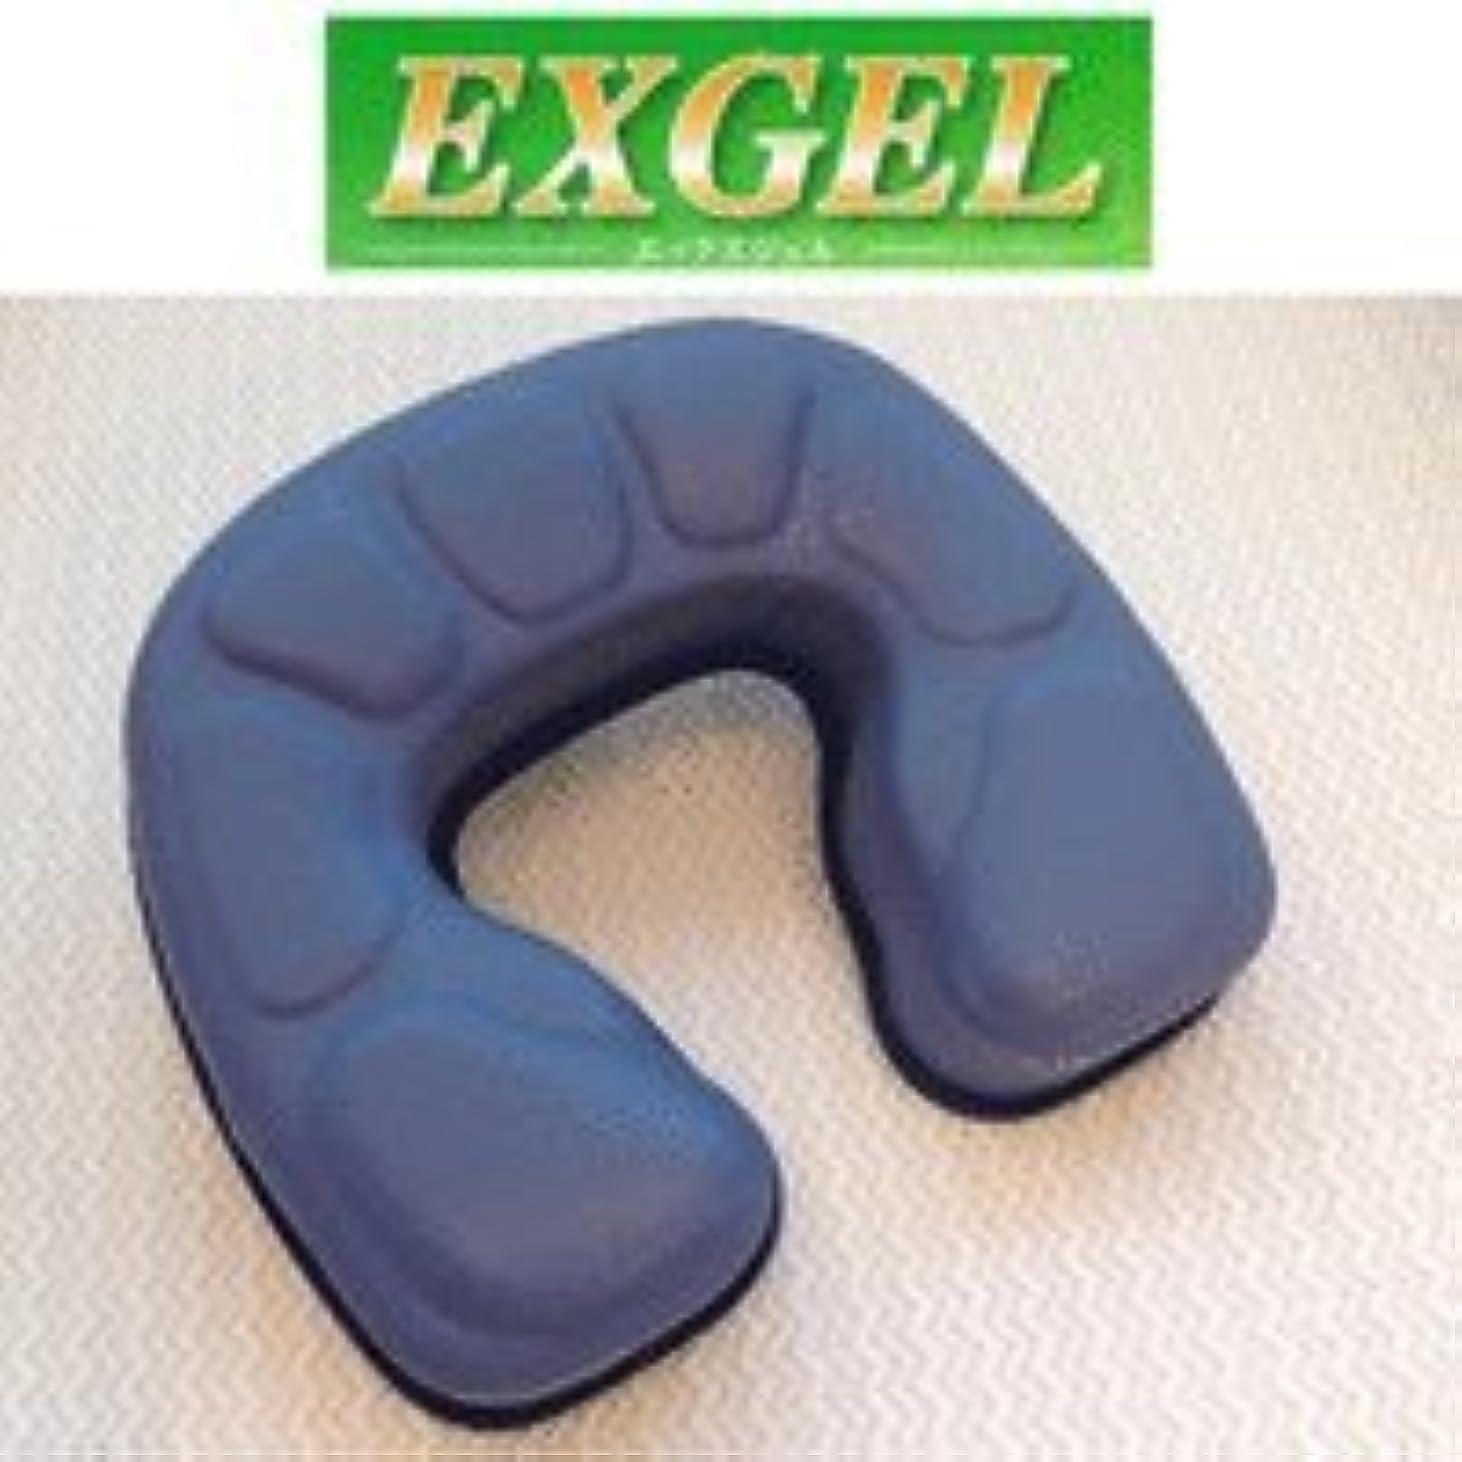 子犬集中積極的にEXGEL(エックスジェル) EXフェイスマット 25×26×6cm (カナケン治療?施術用枕) うつぶせ寝まくら KT-297